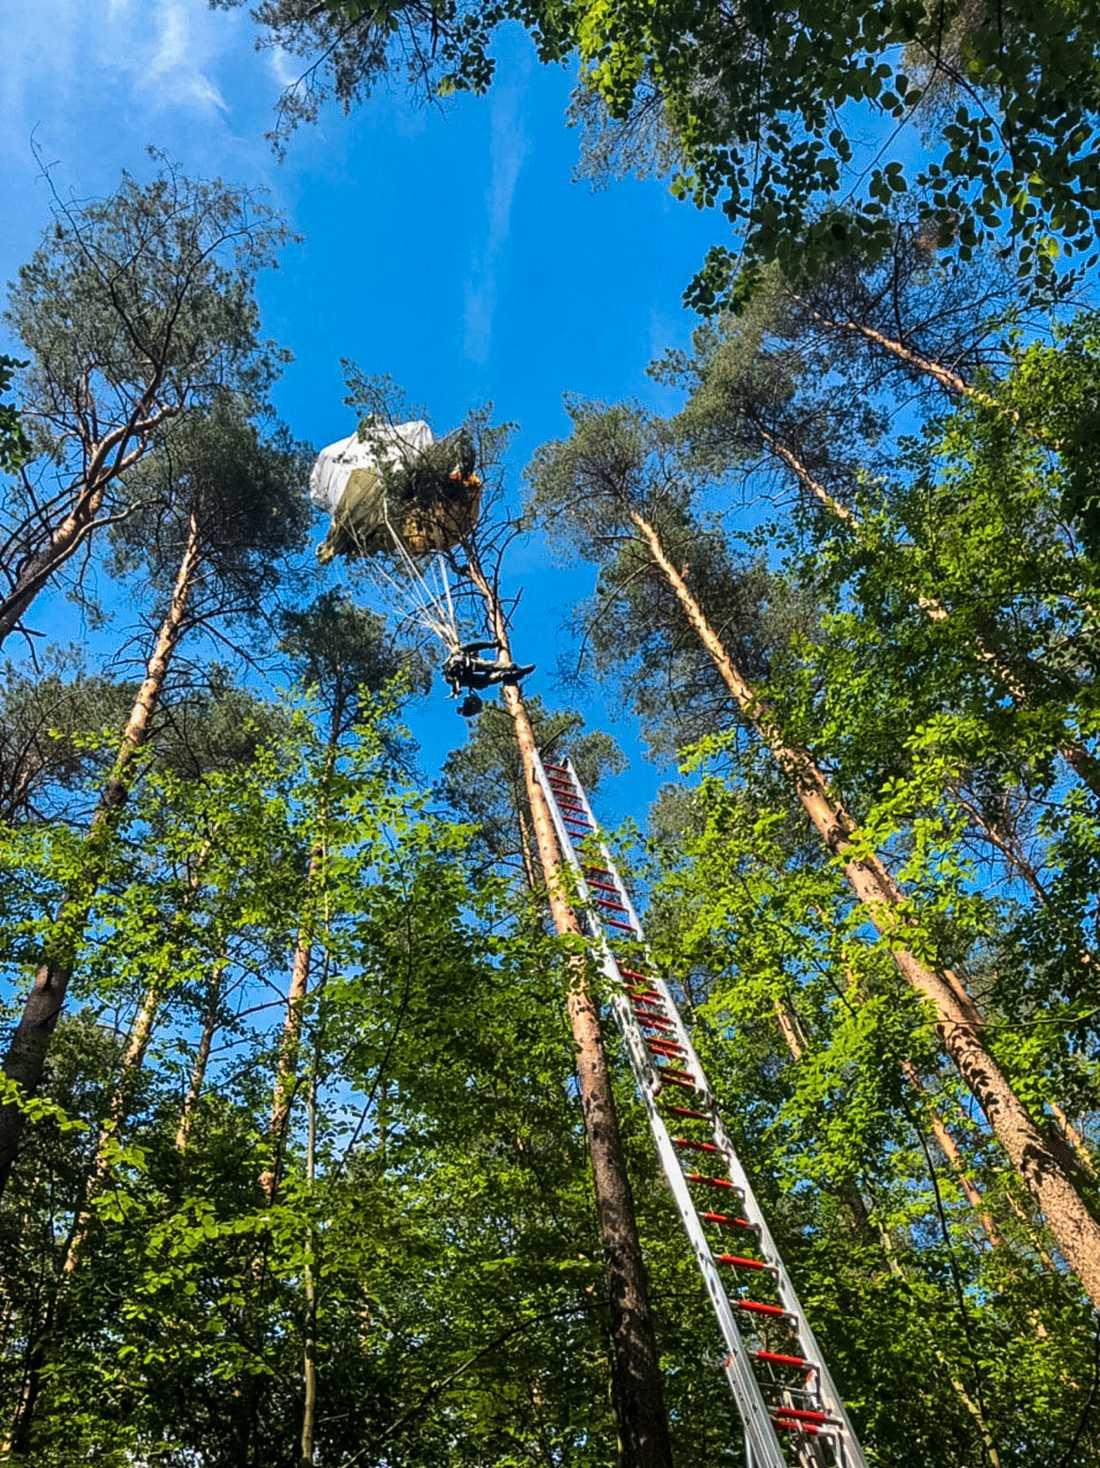 En av piloterna dog . Den andre landade i en trädtopp. Där hängde han 20 meter upp i luften efter flygkraschen.